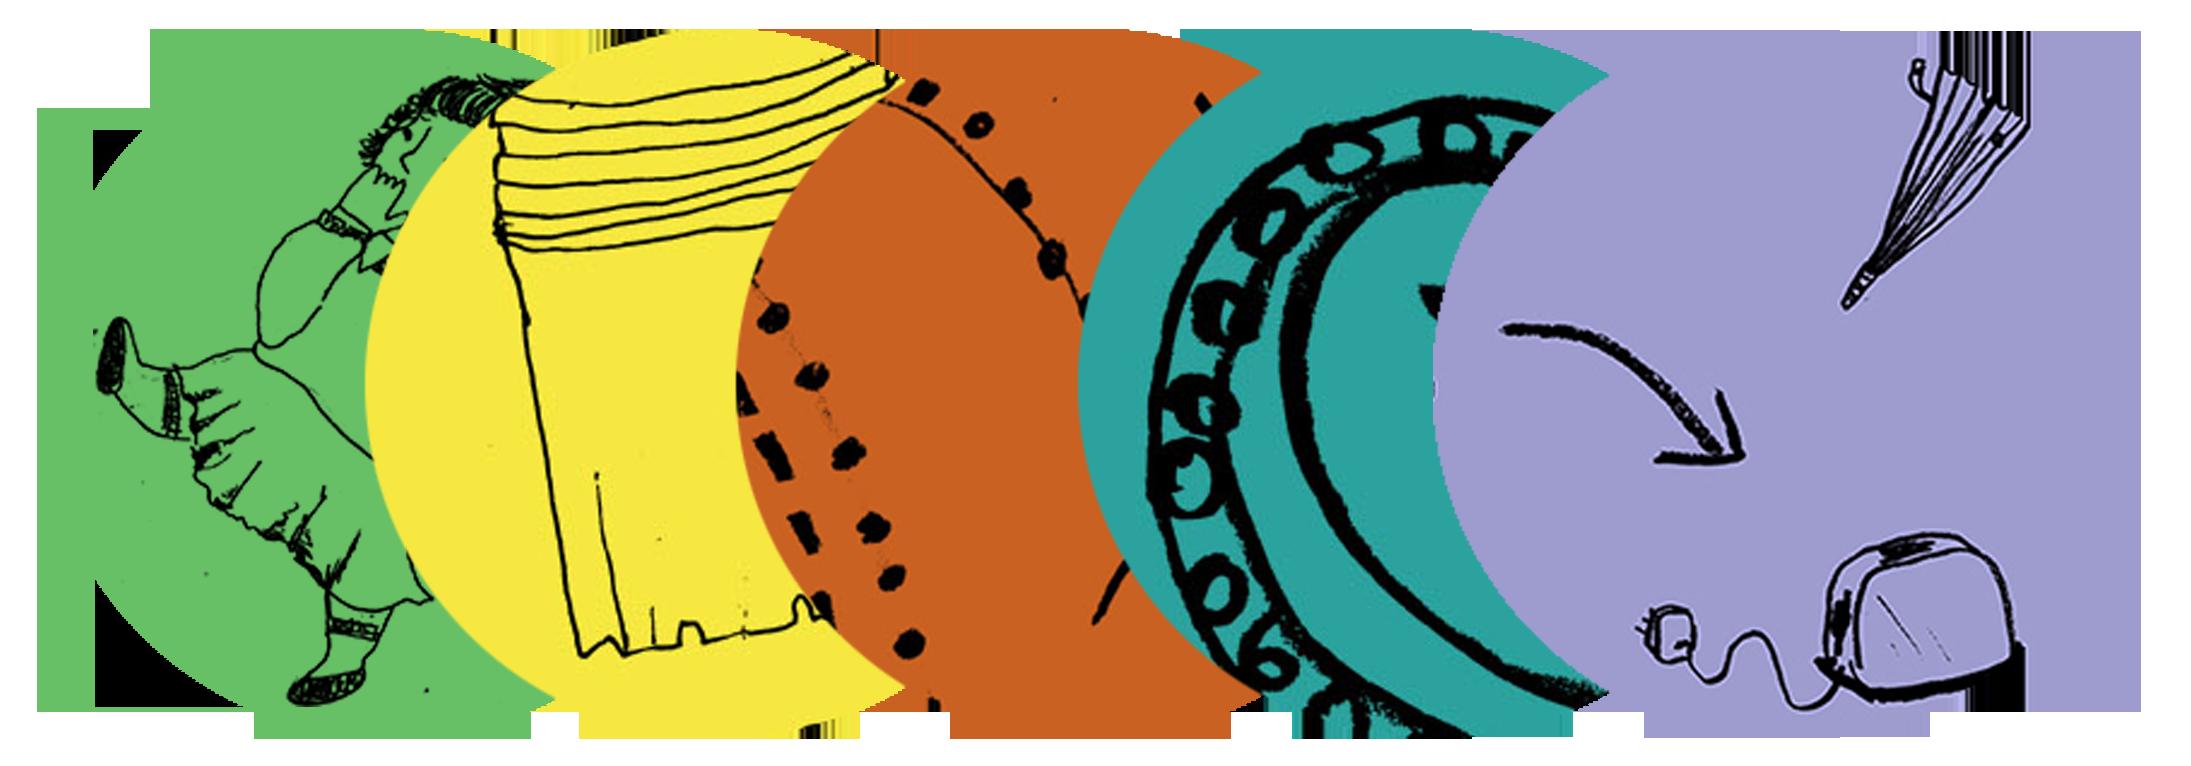 round-book-linksToResourcePage